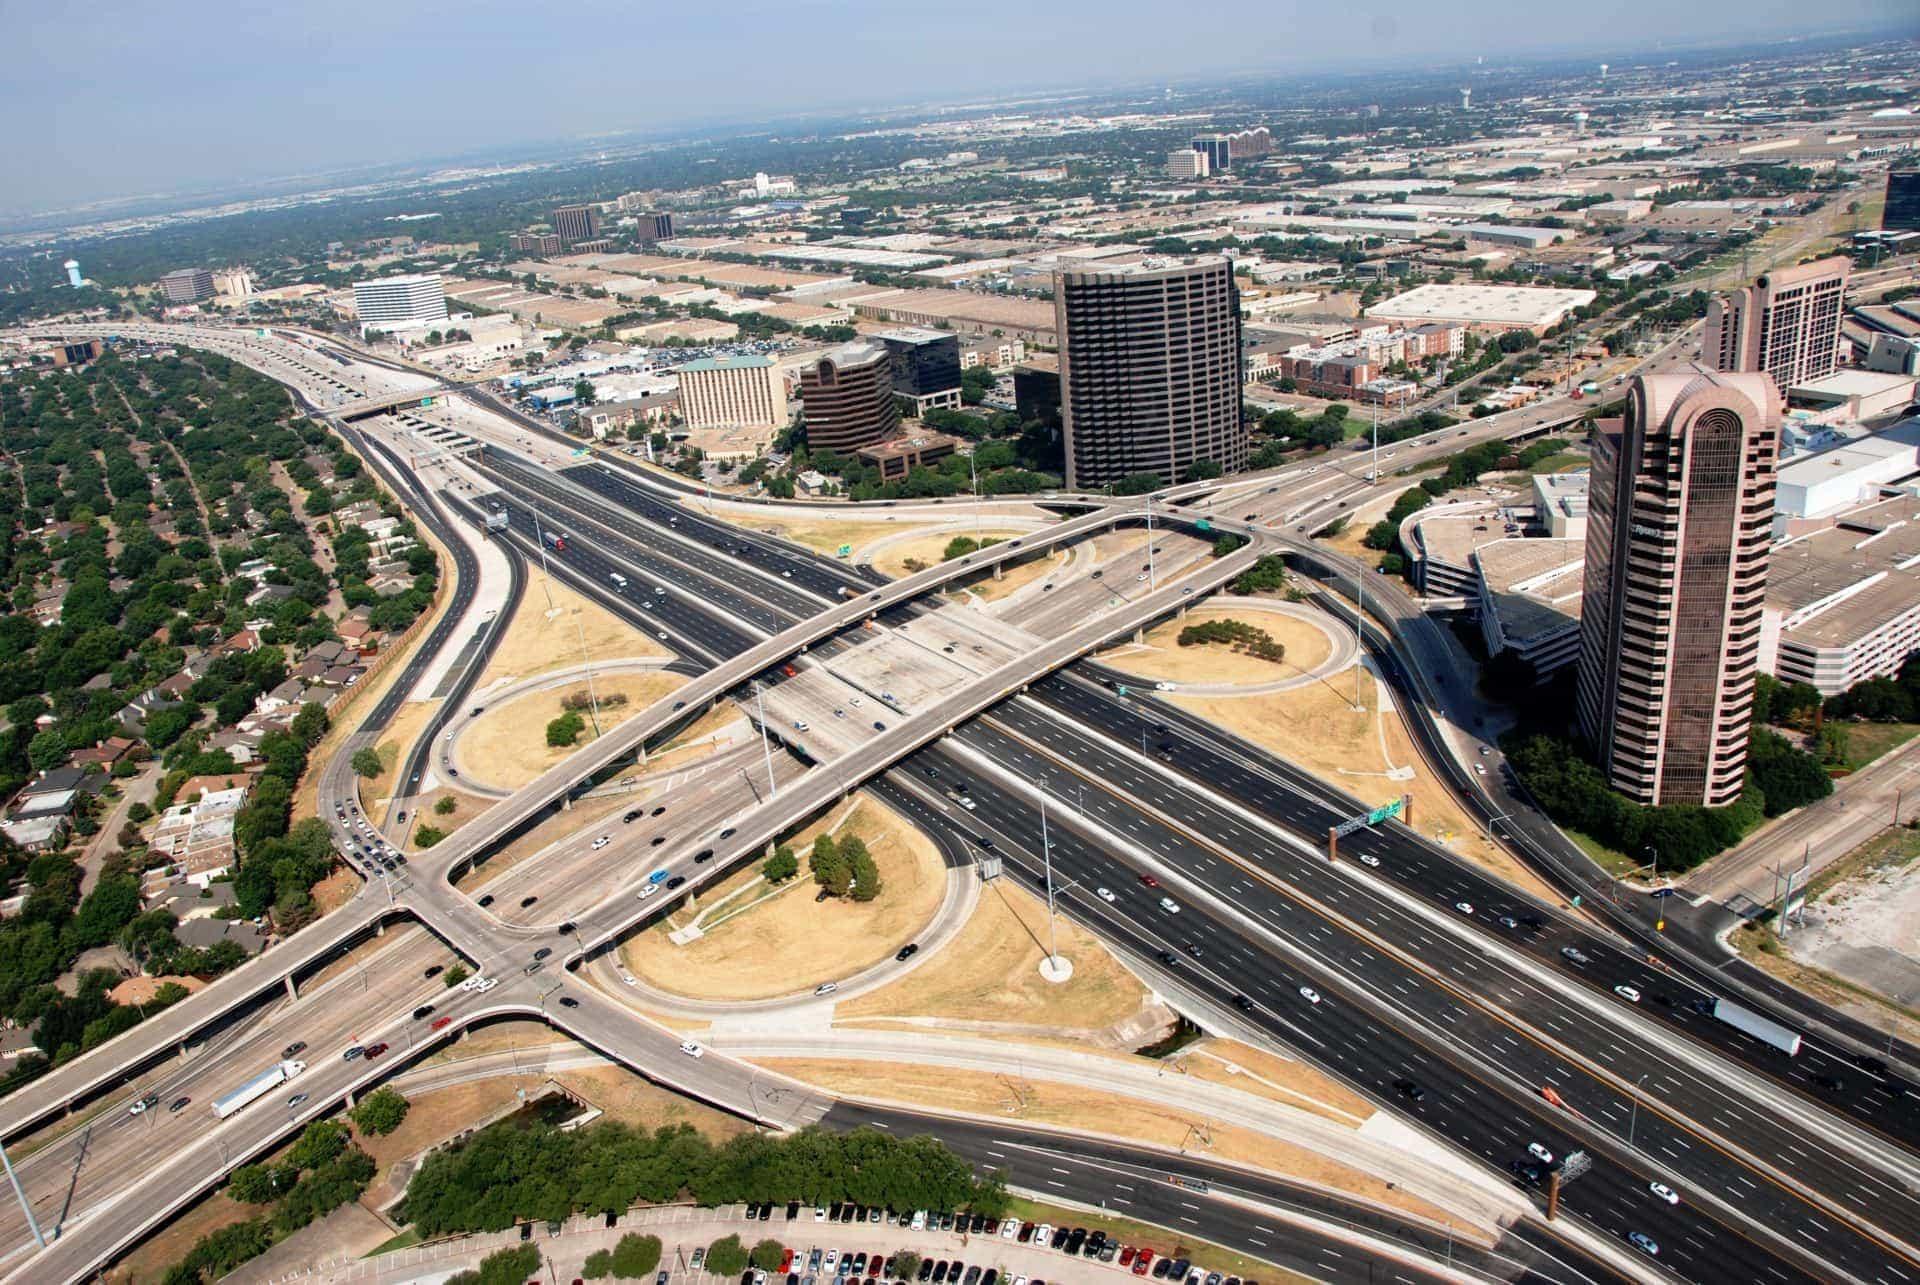 LBJ highway in Dallas Texas